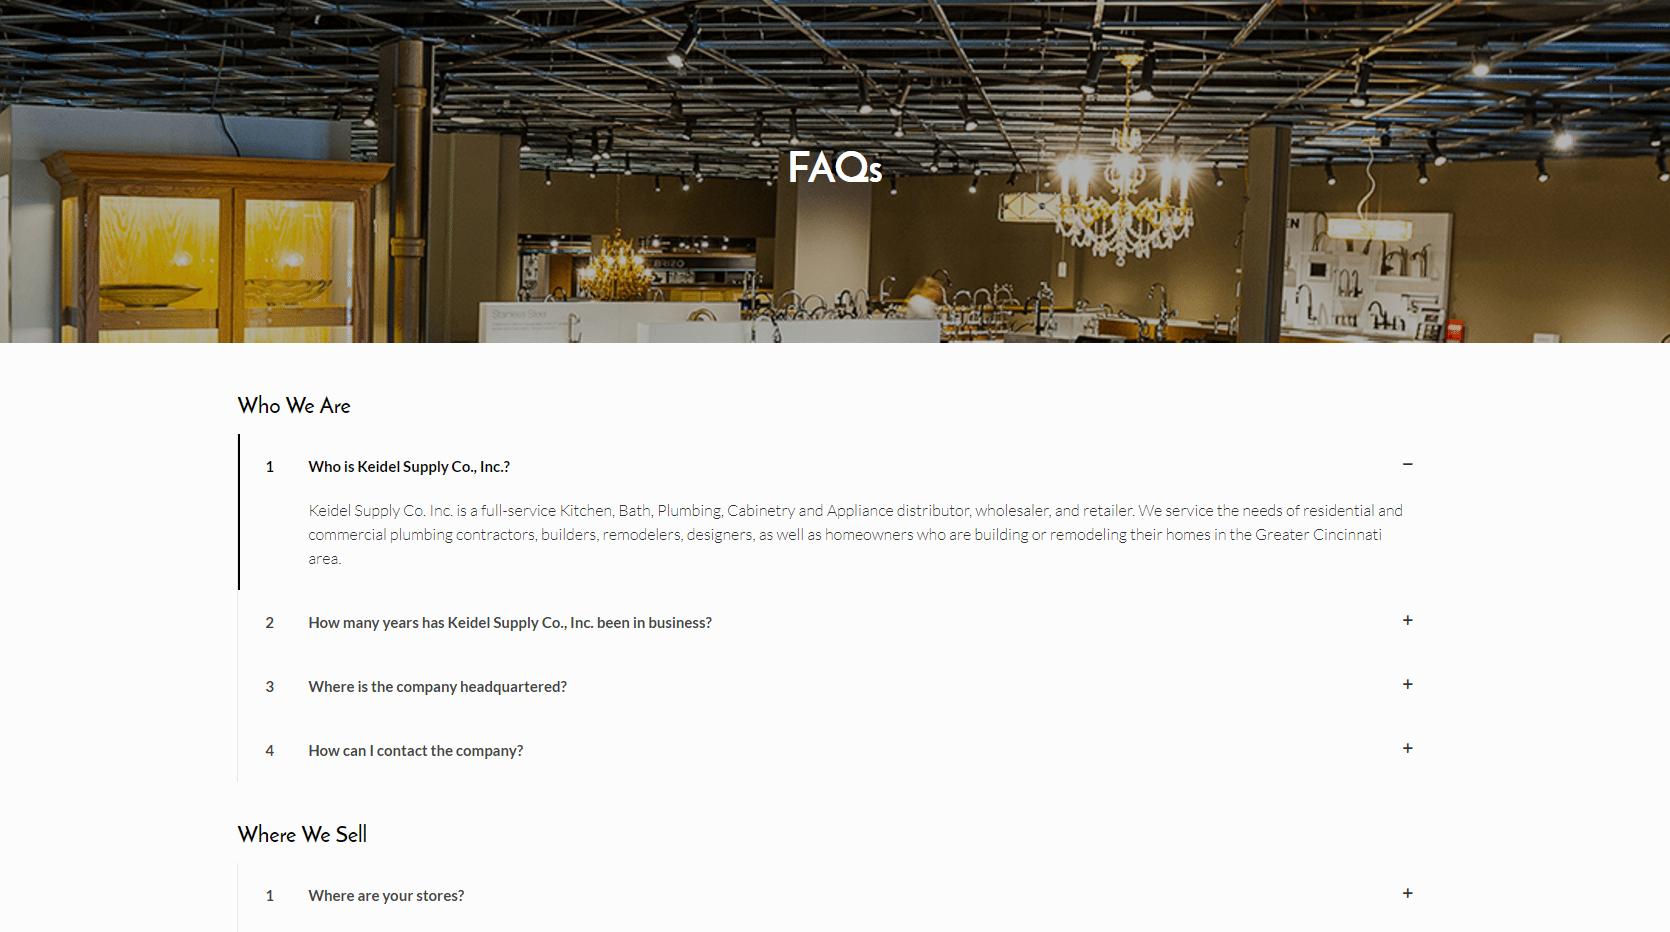 Keidel FAQ page